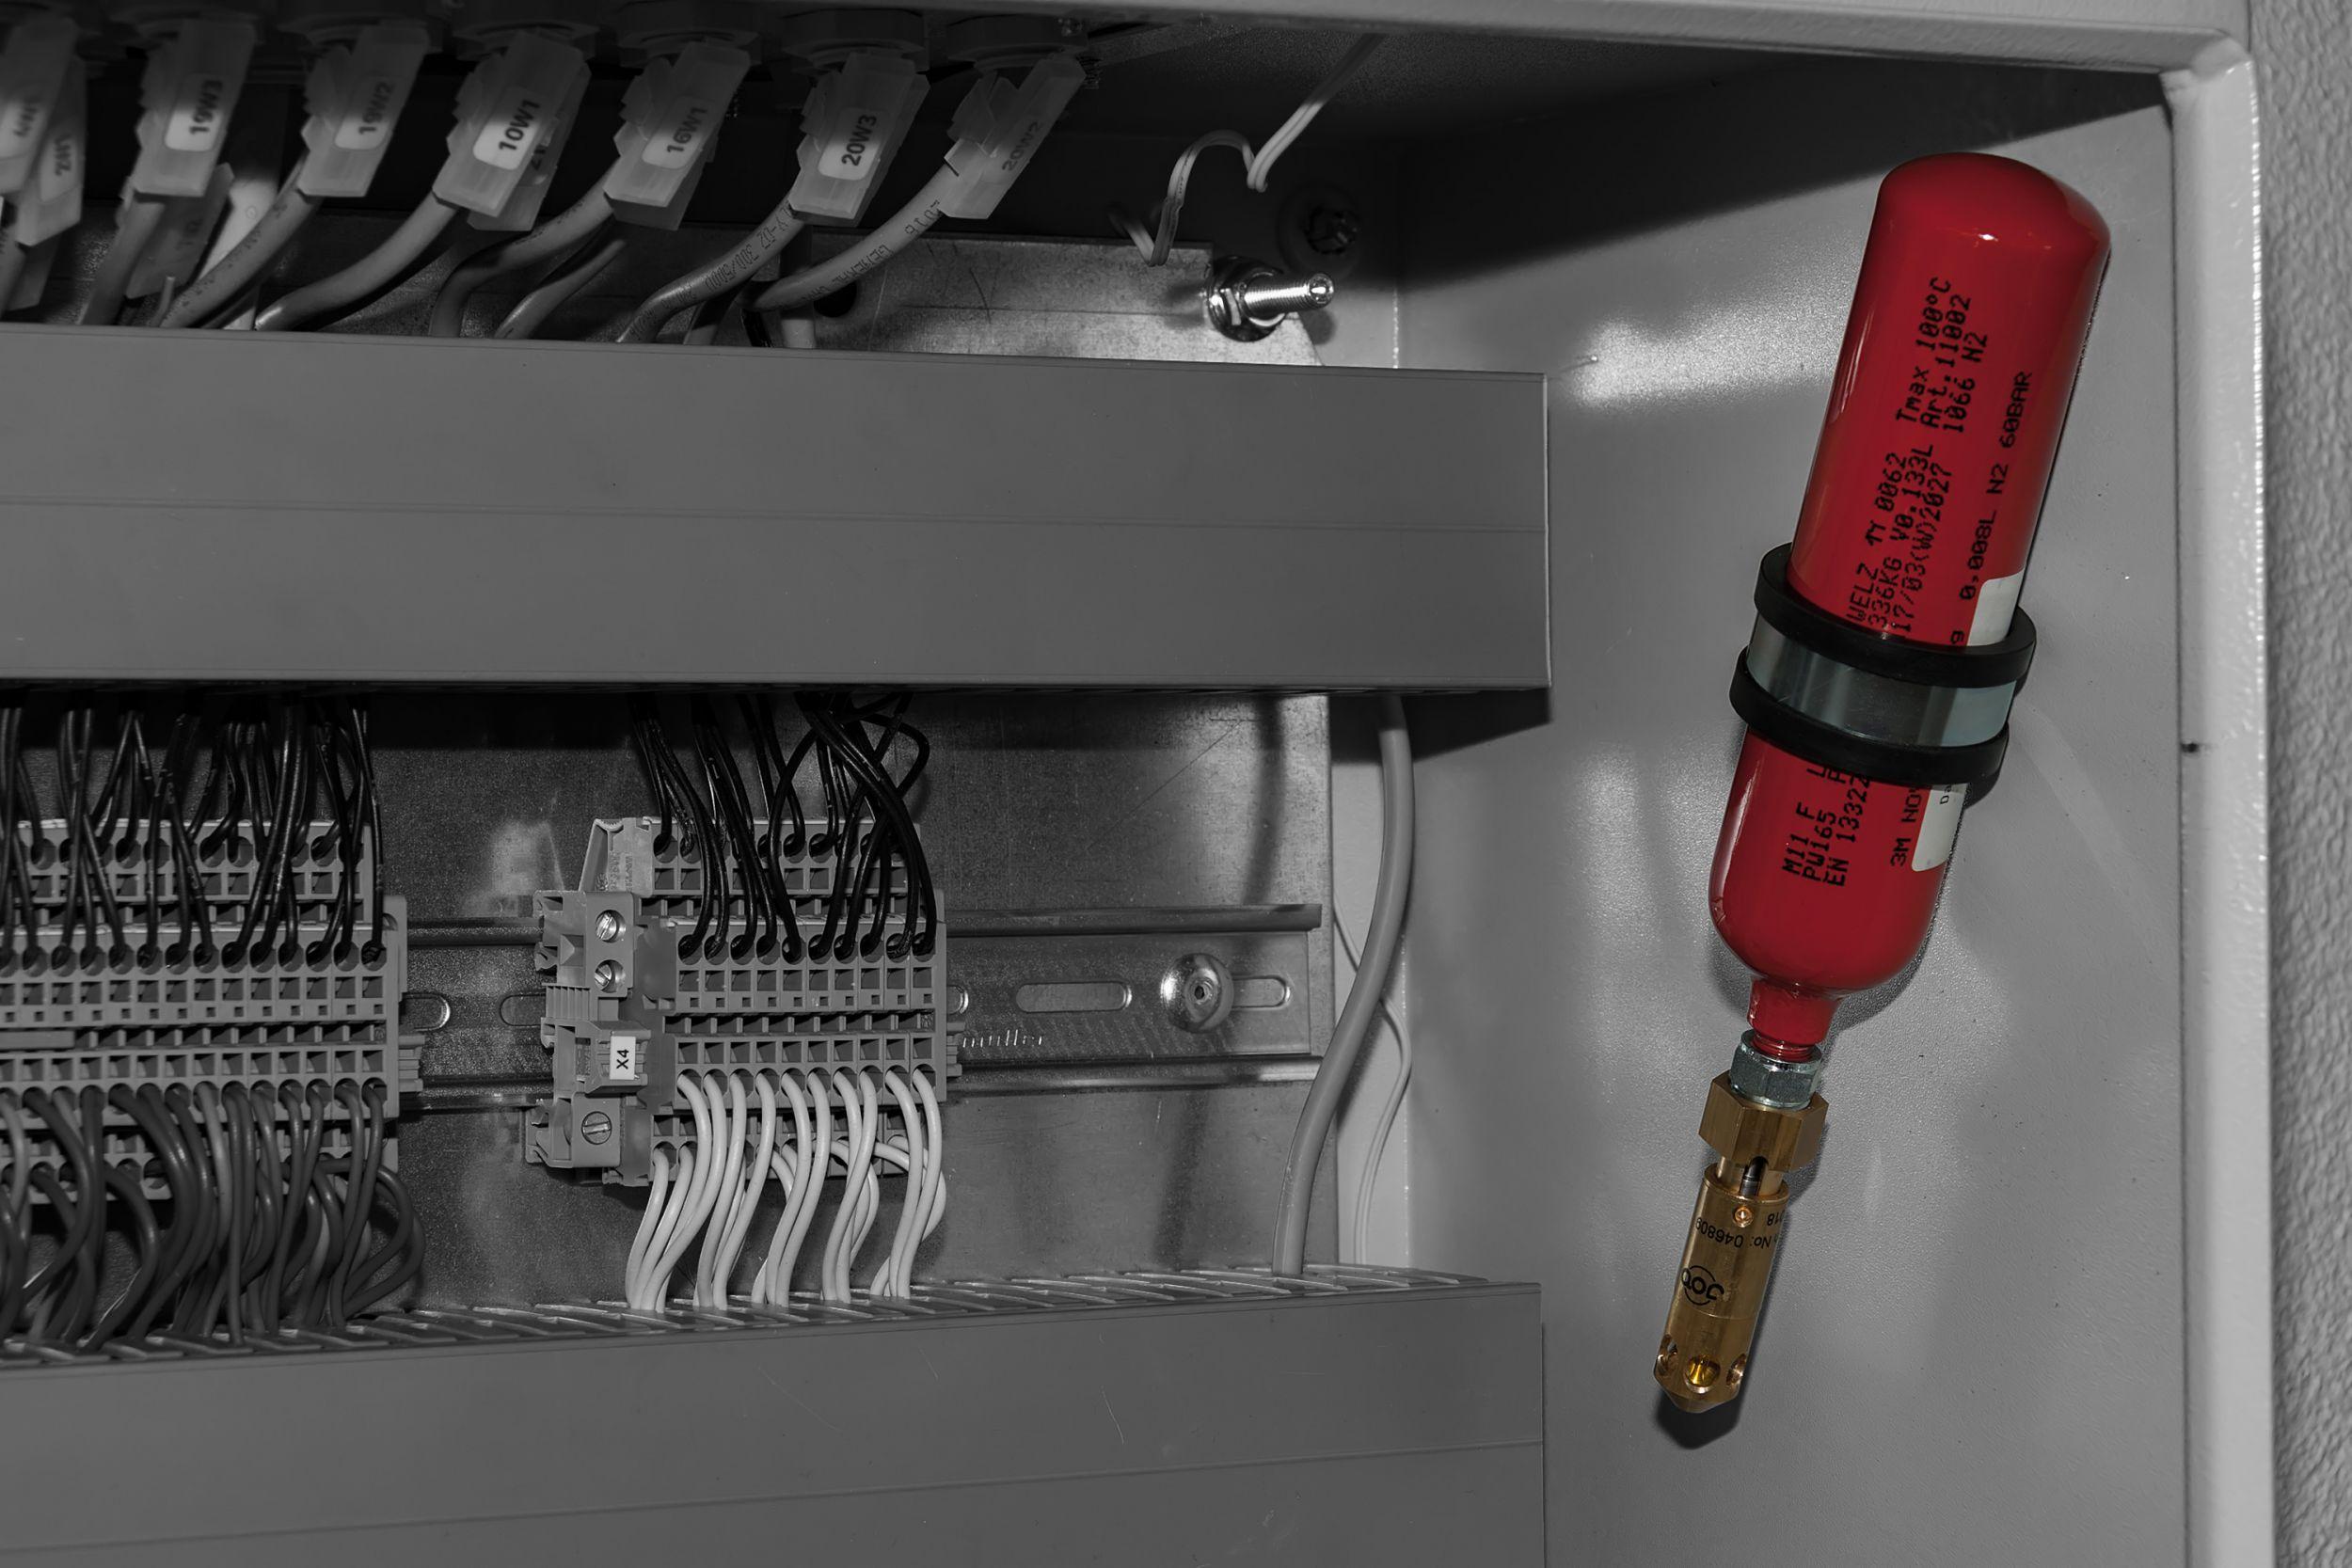 Autarke Feuerlöscheinheiten ermöglichen einen sofortigen Brandschutz durch einfachste Nachrüstung, auch ganz ohne Kabel. (Bild: Job GmbH)